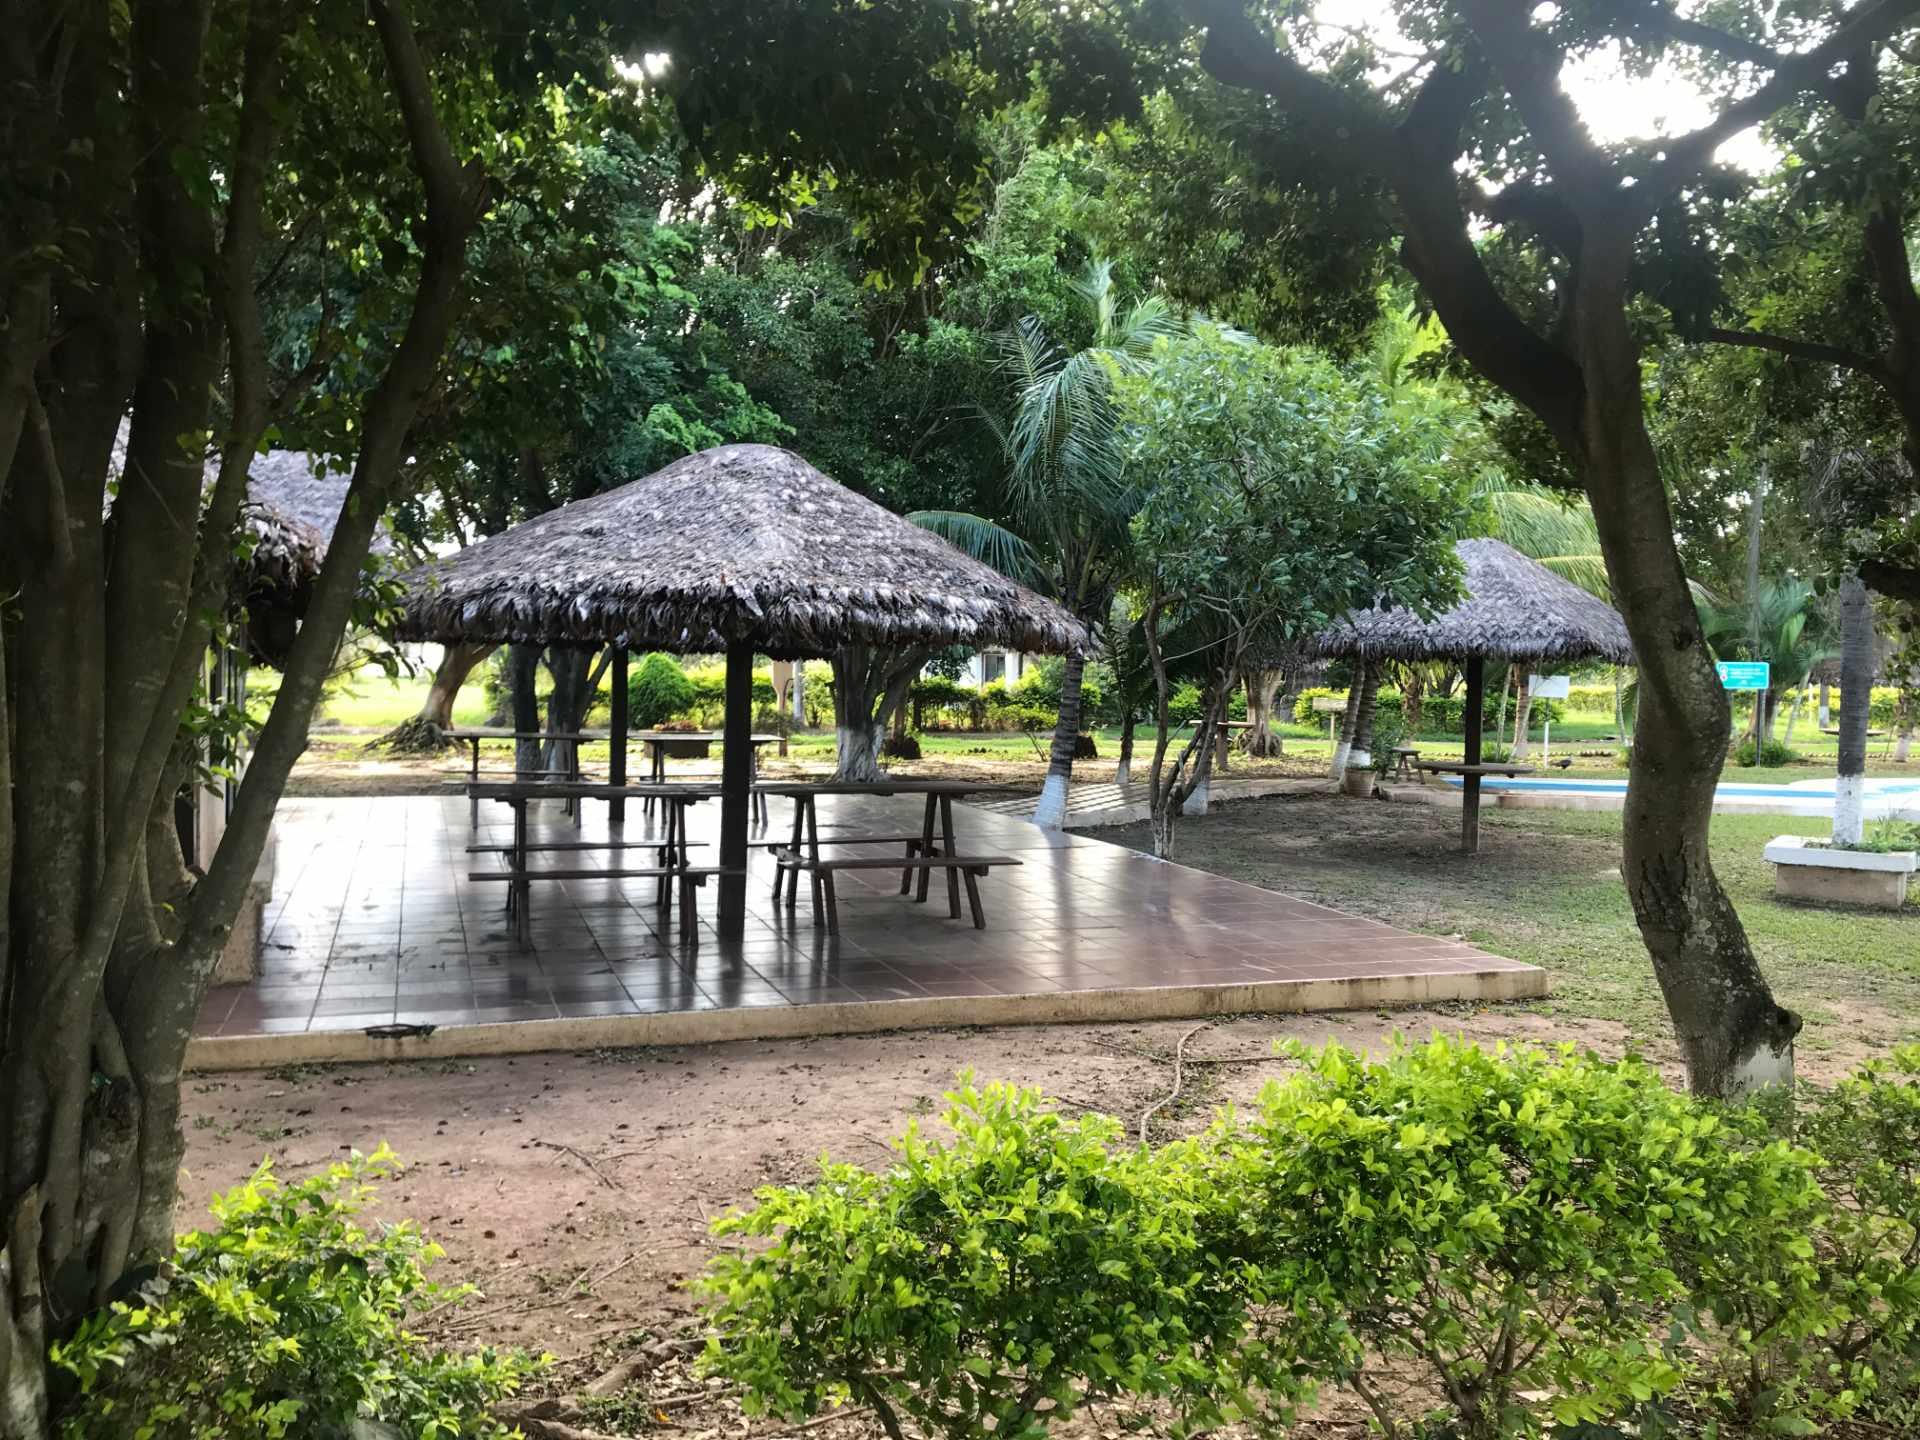 Terreno en Venta Complejo Campestre Norte, Km 23 Carretera al Norte.  Foto 15